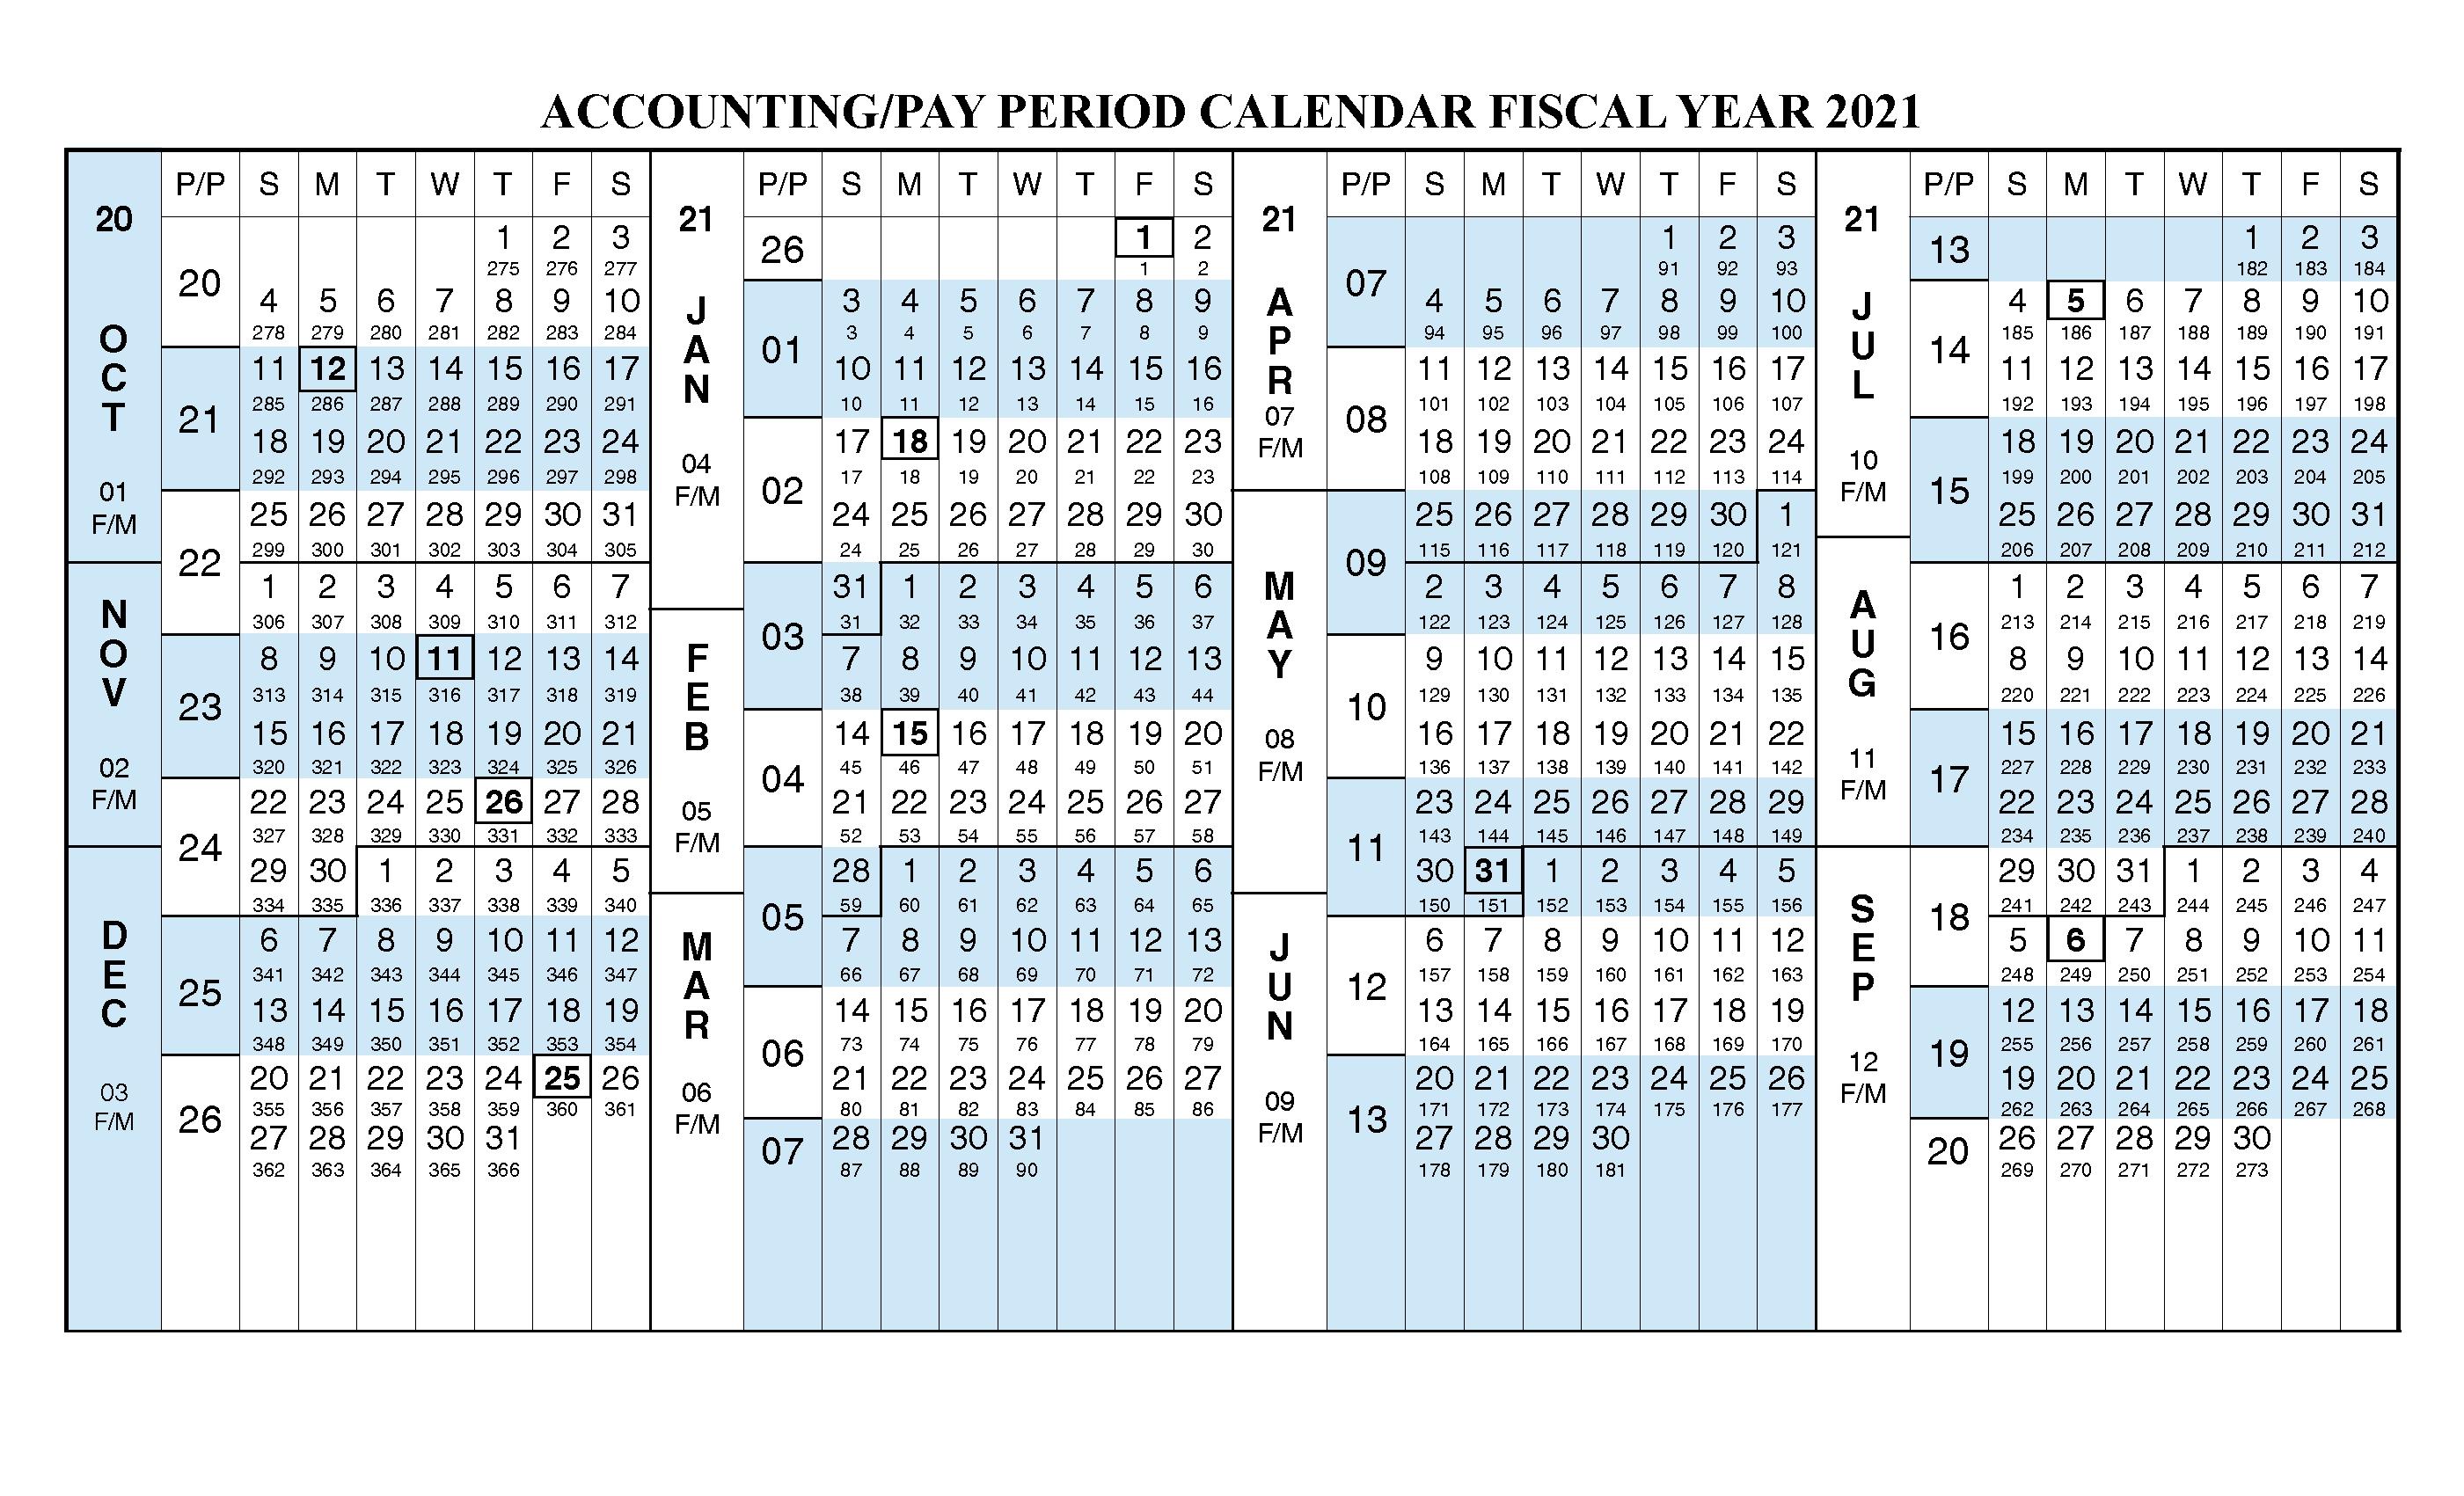 Payroll Calendar 2021 Fiscal Year Calendar Oct 2020 Sep 2021